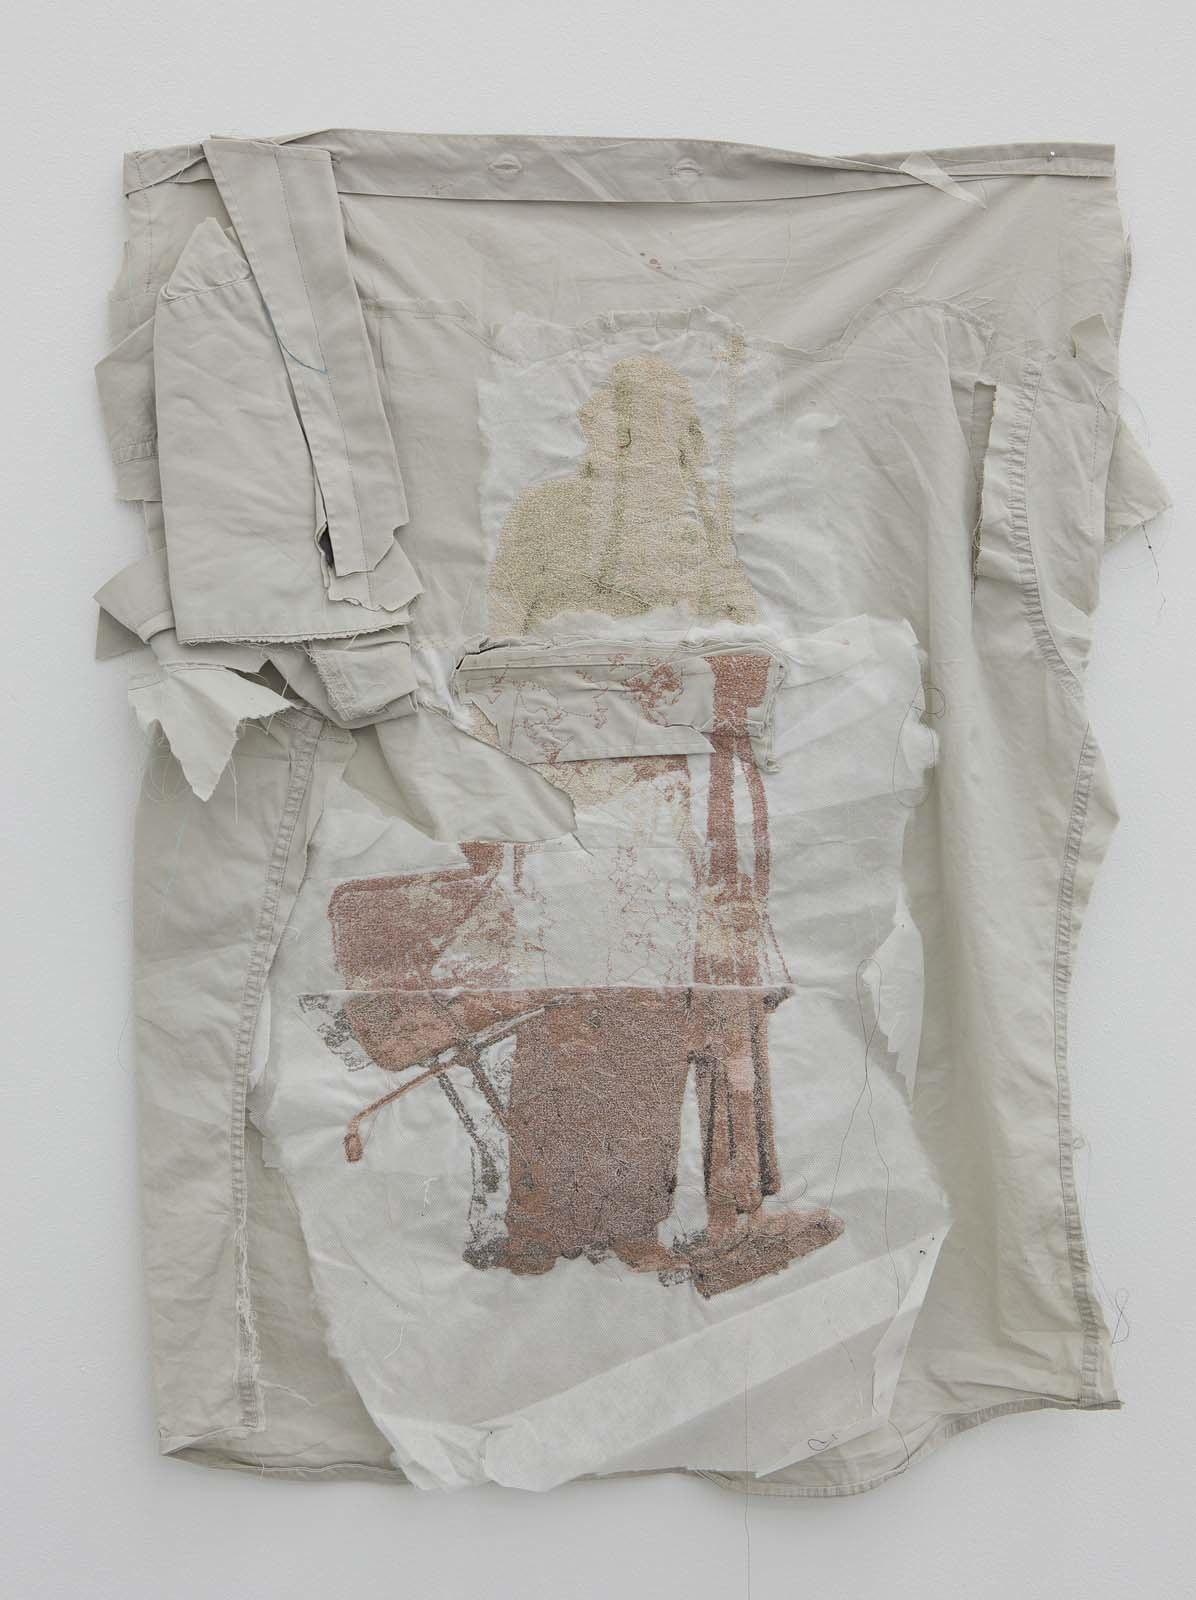 Kontrapost (Esprite), 2010, embroidery on various textiles